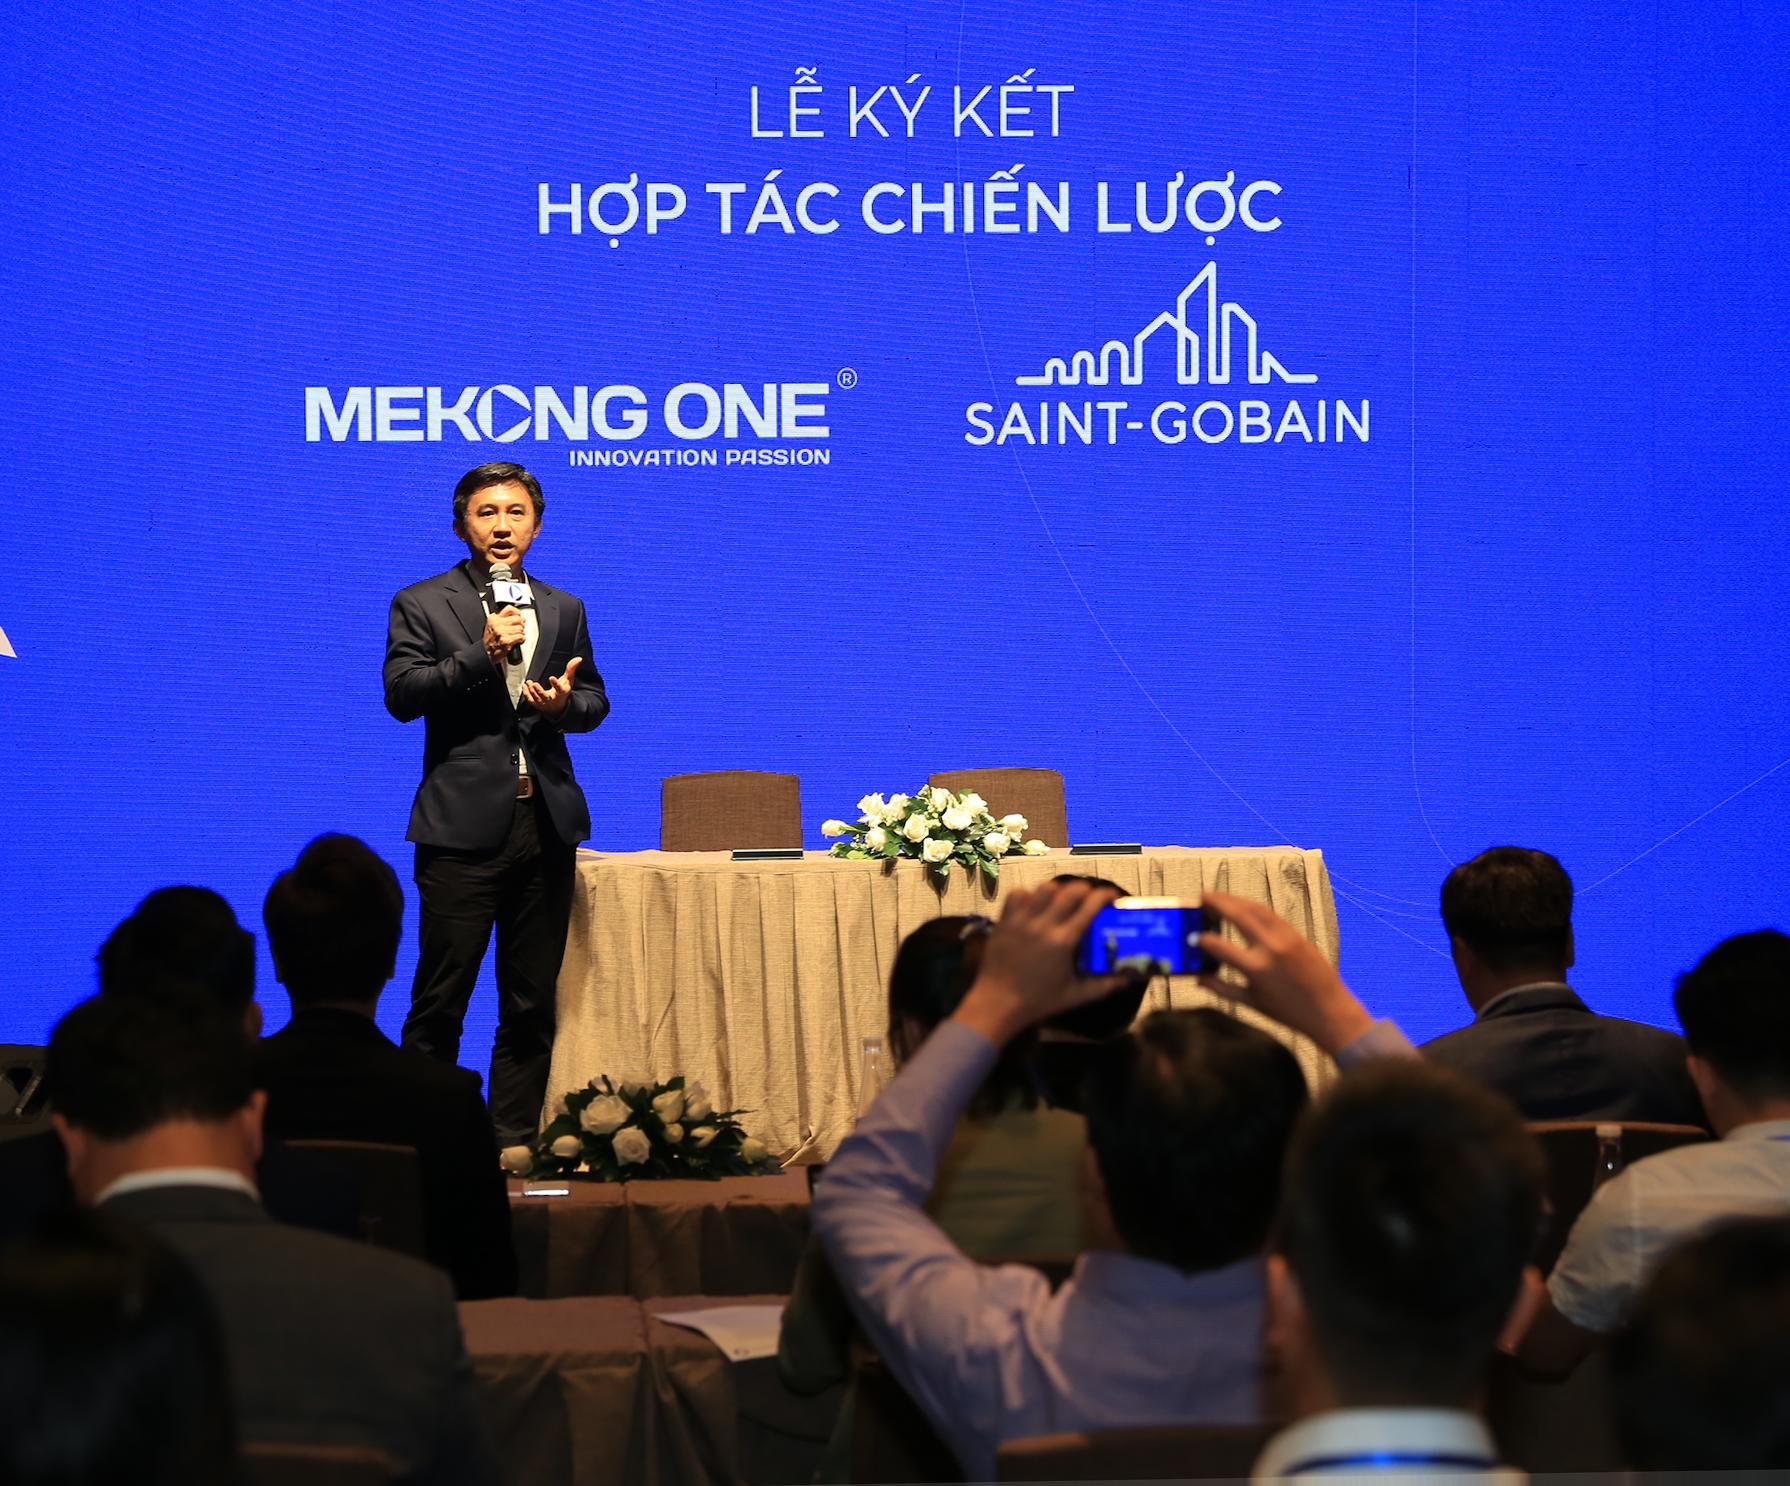 Đại diện Saint-Gobain phát biểu tại sự kiện, Ông Nguyễn Trường Hải - TGĐ Saint-Gobain tai Việt Nam 02 1